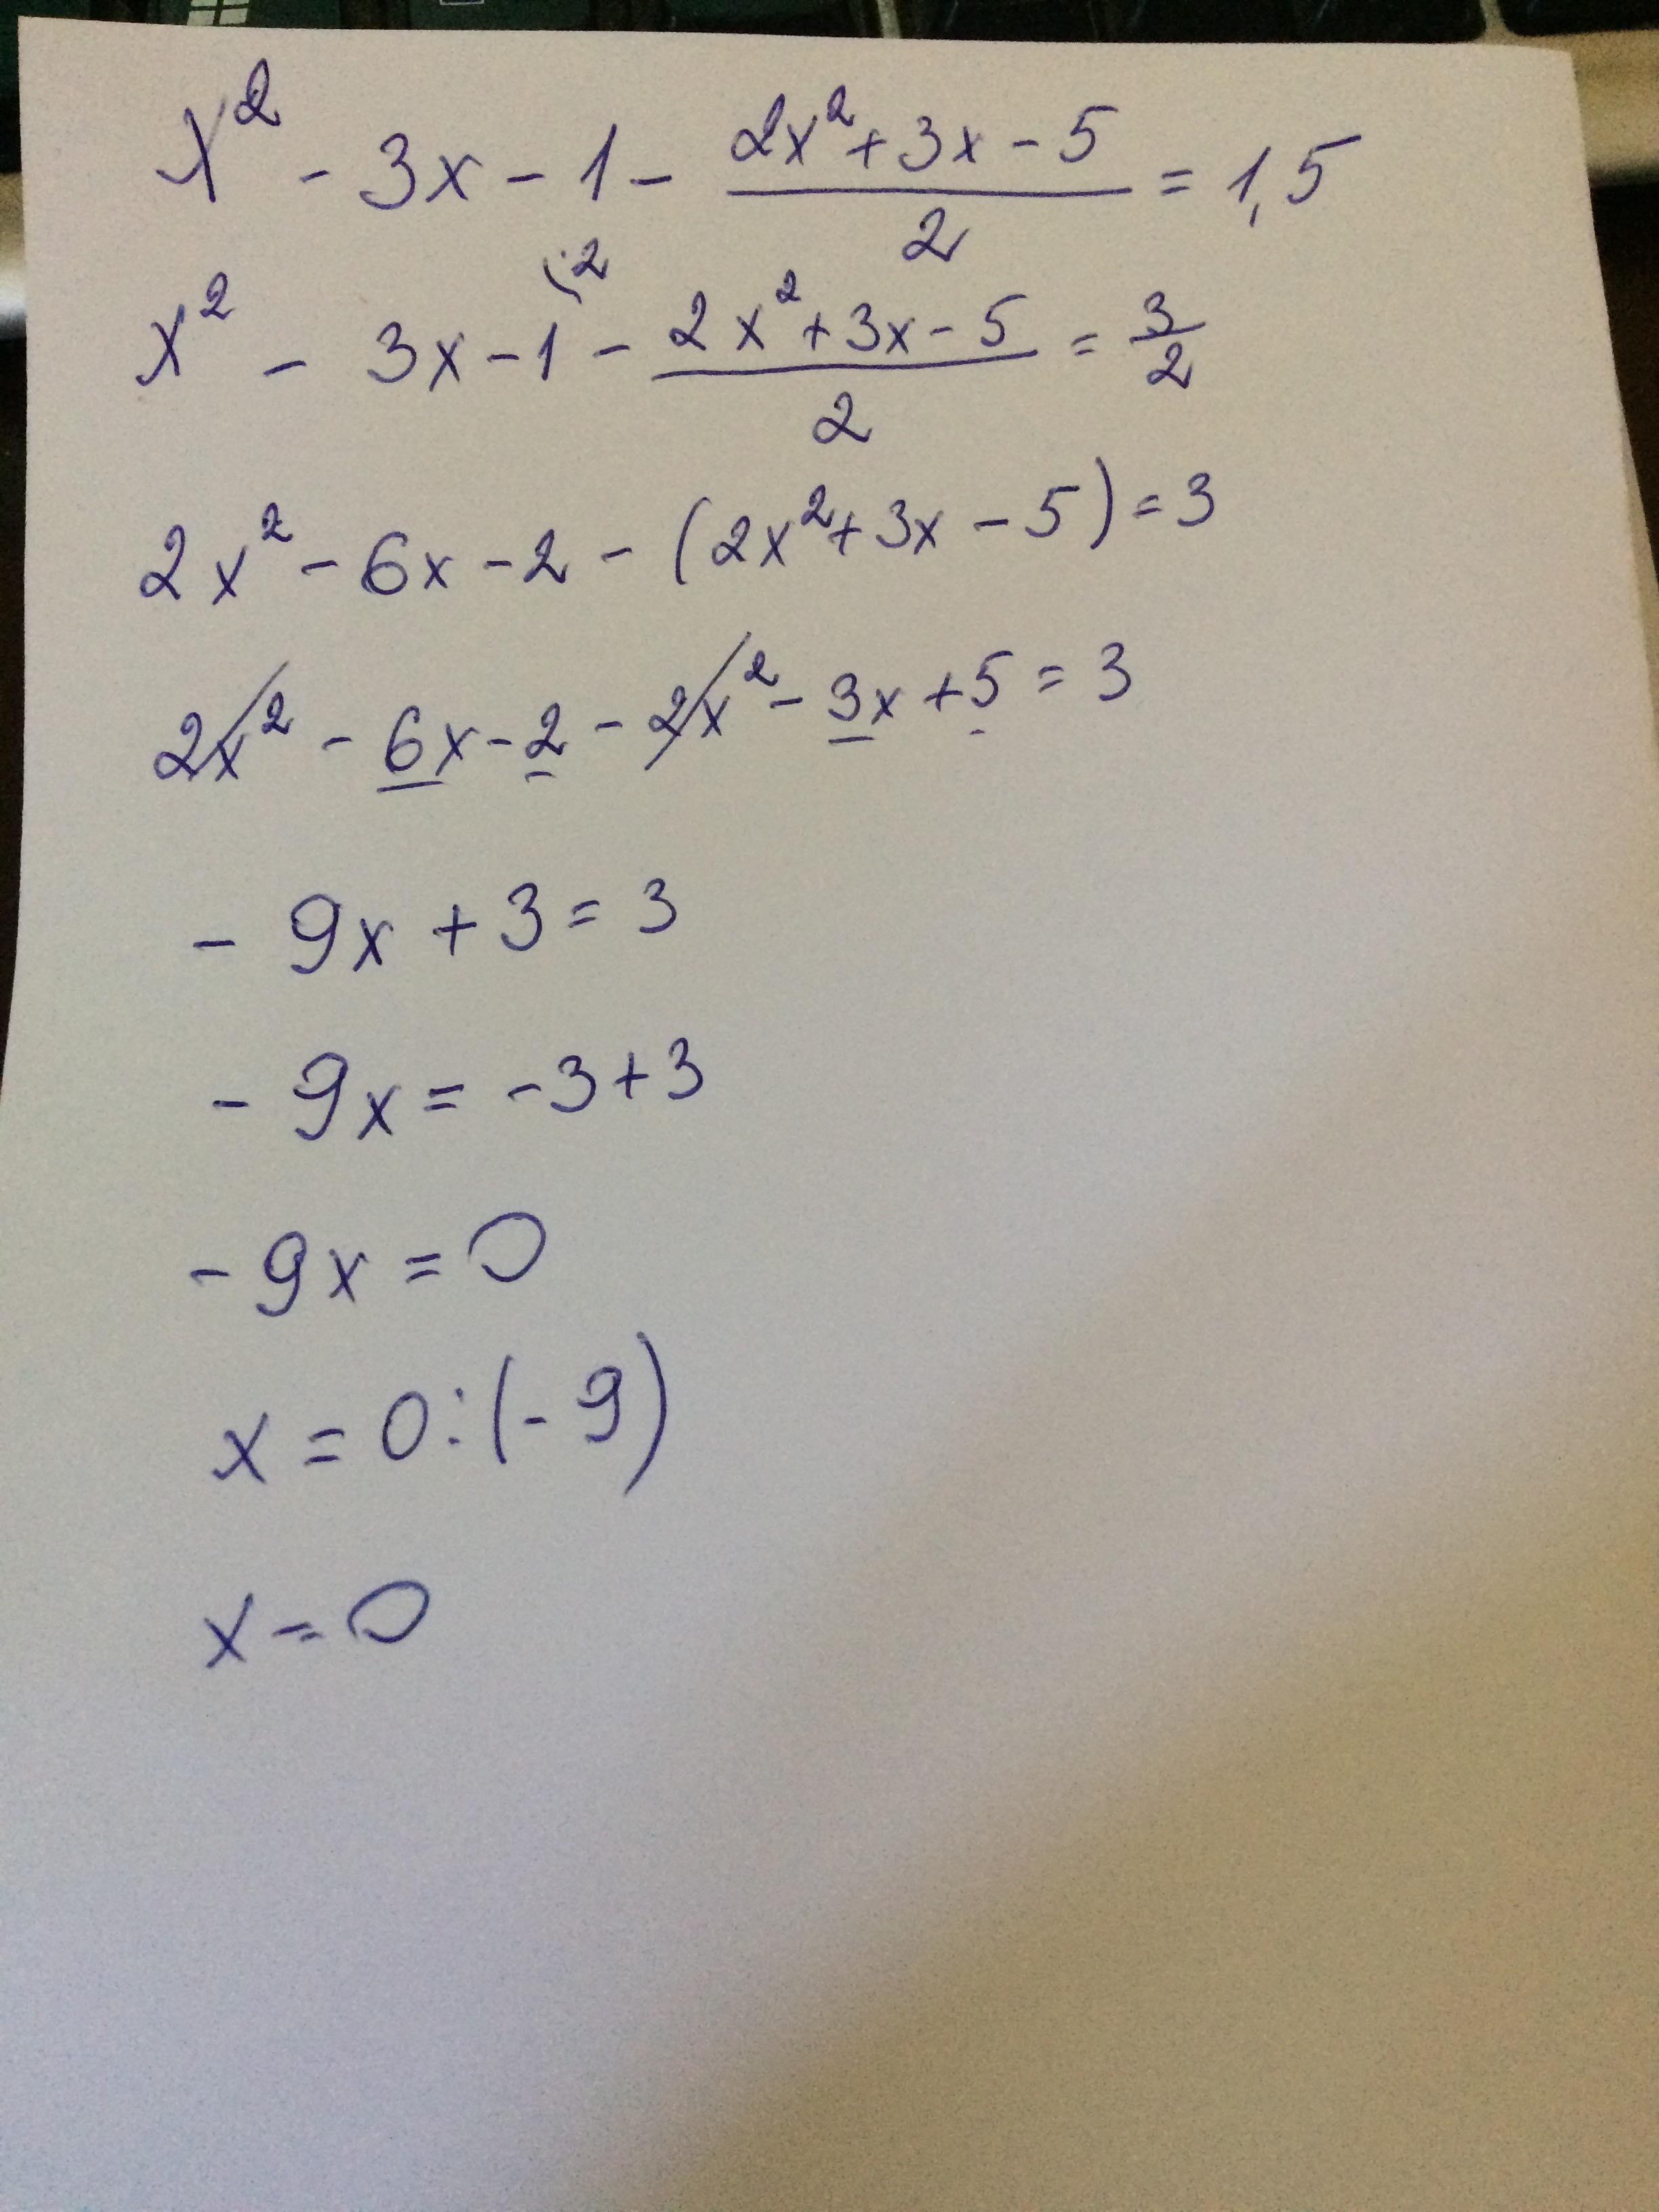 Помогите решить уравнение!!